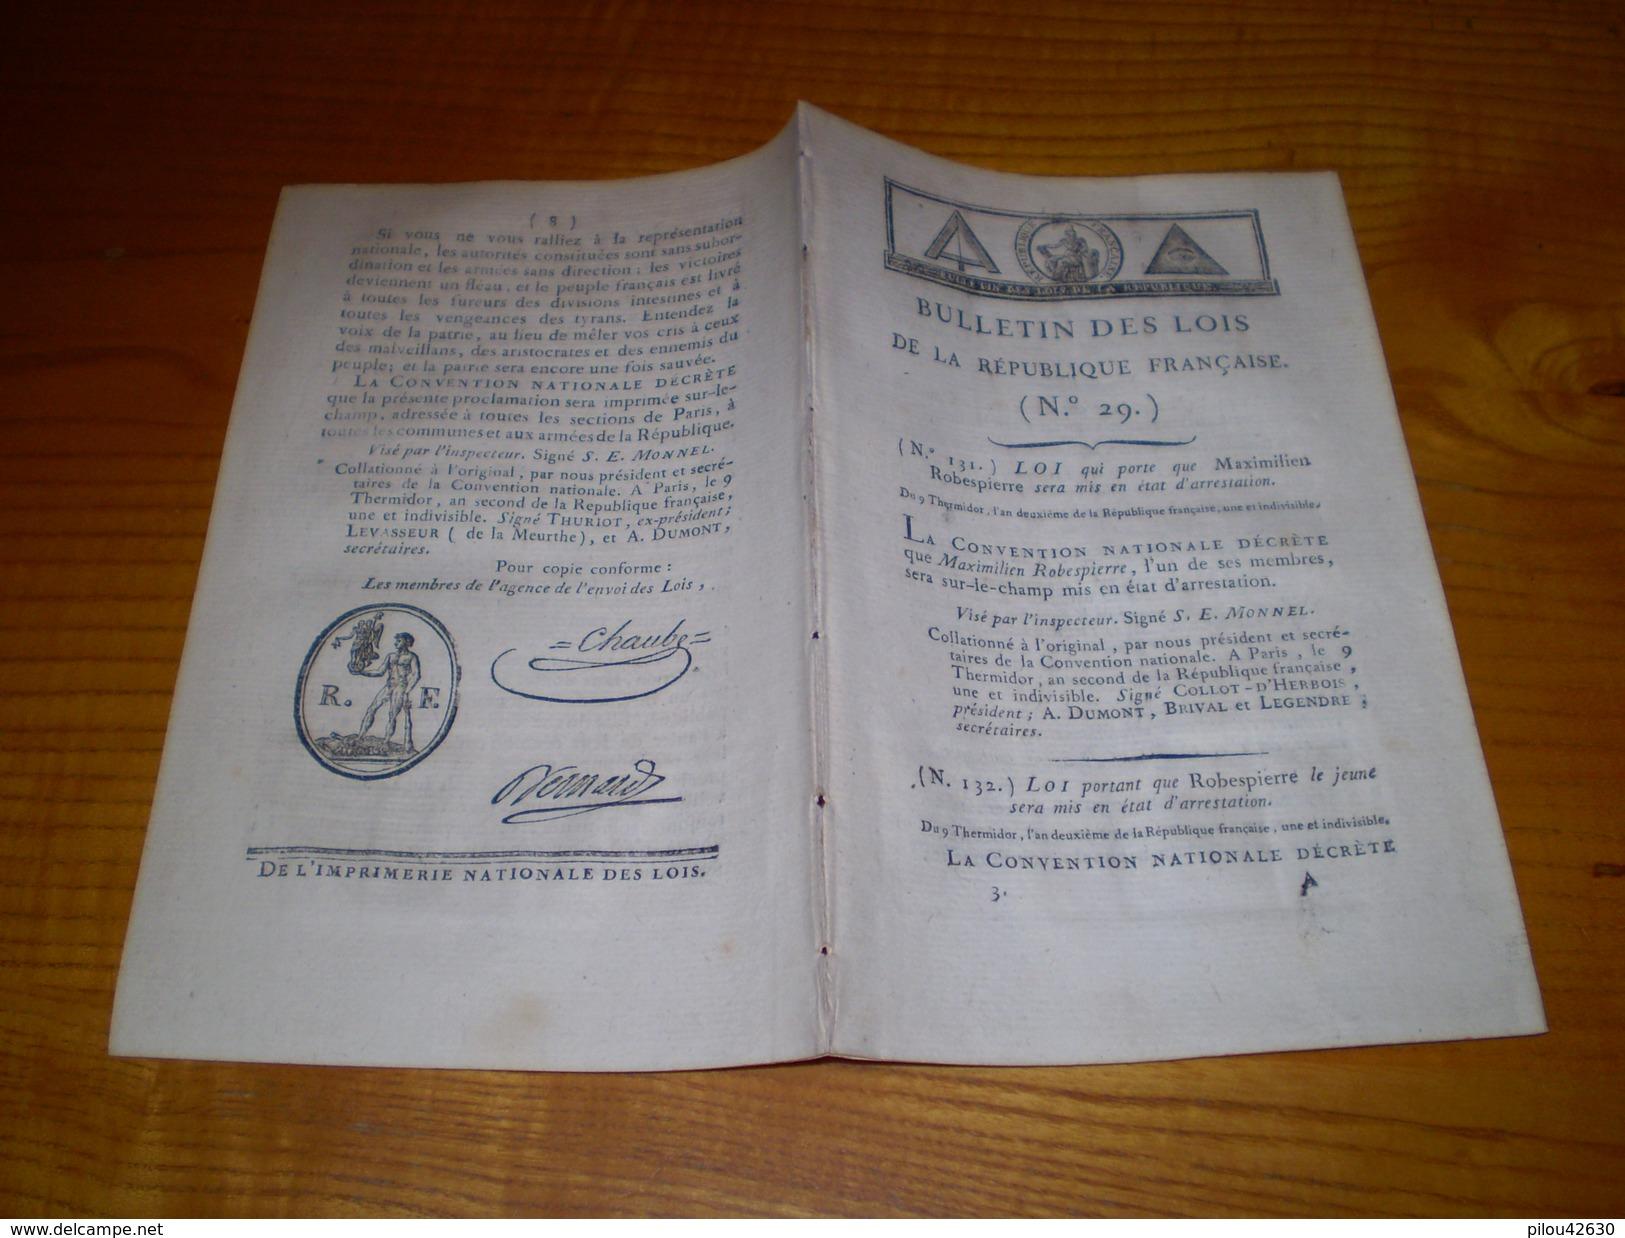 Lois An 2: Mise En Accusation De Robespierre,Couthon,Lebas 9 Thermidor, Gillotiné Le 10. Dumas Tribunal Révolutionnaire - Decrees & Laws